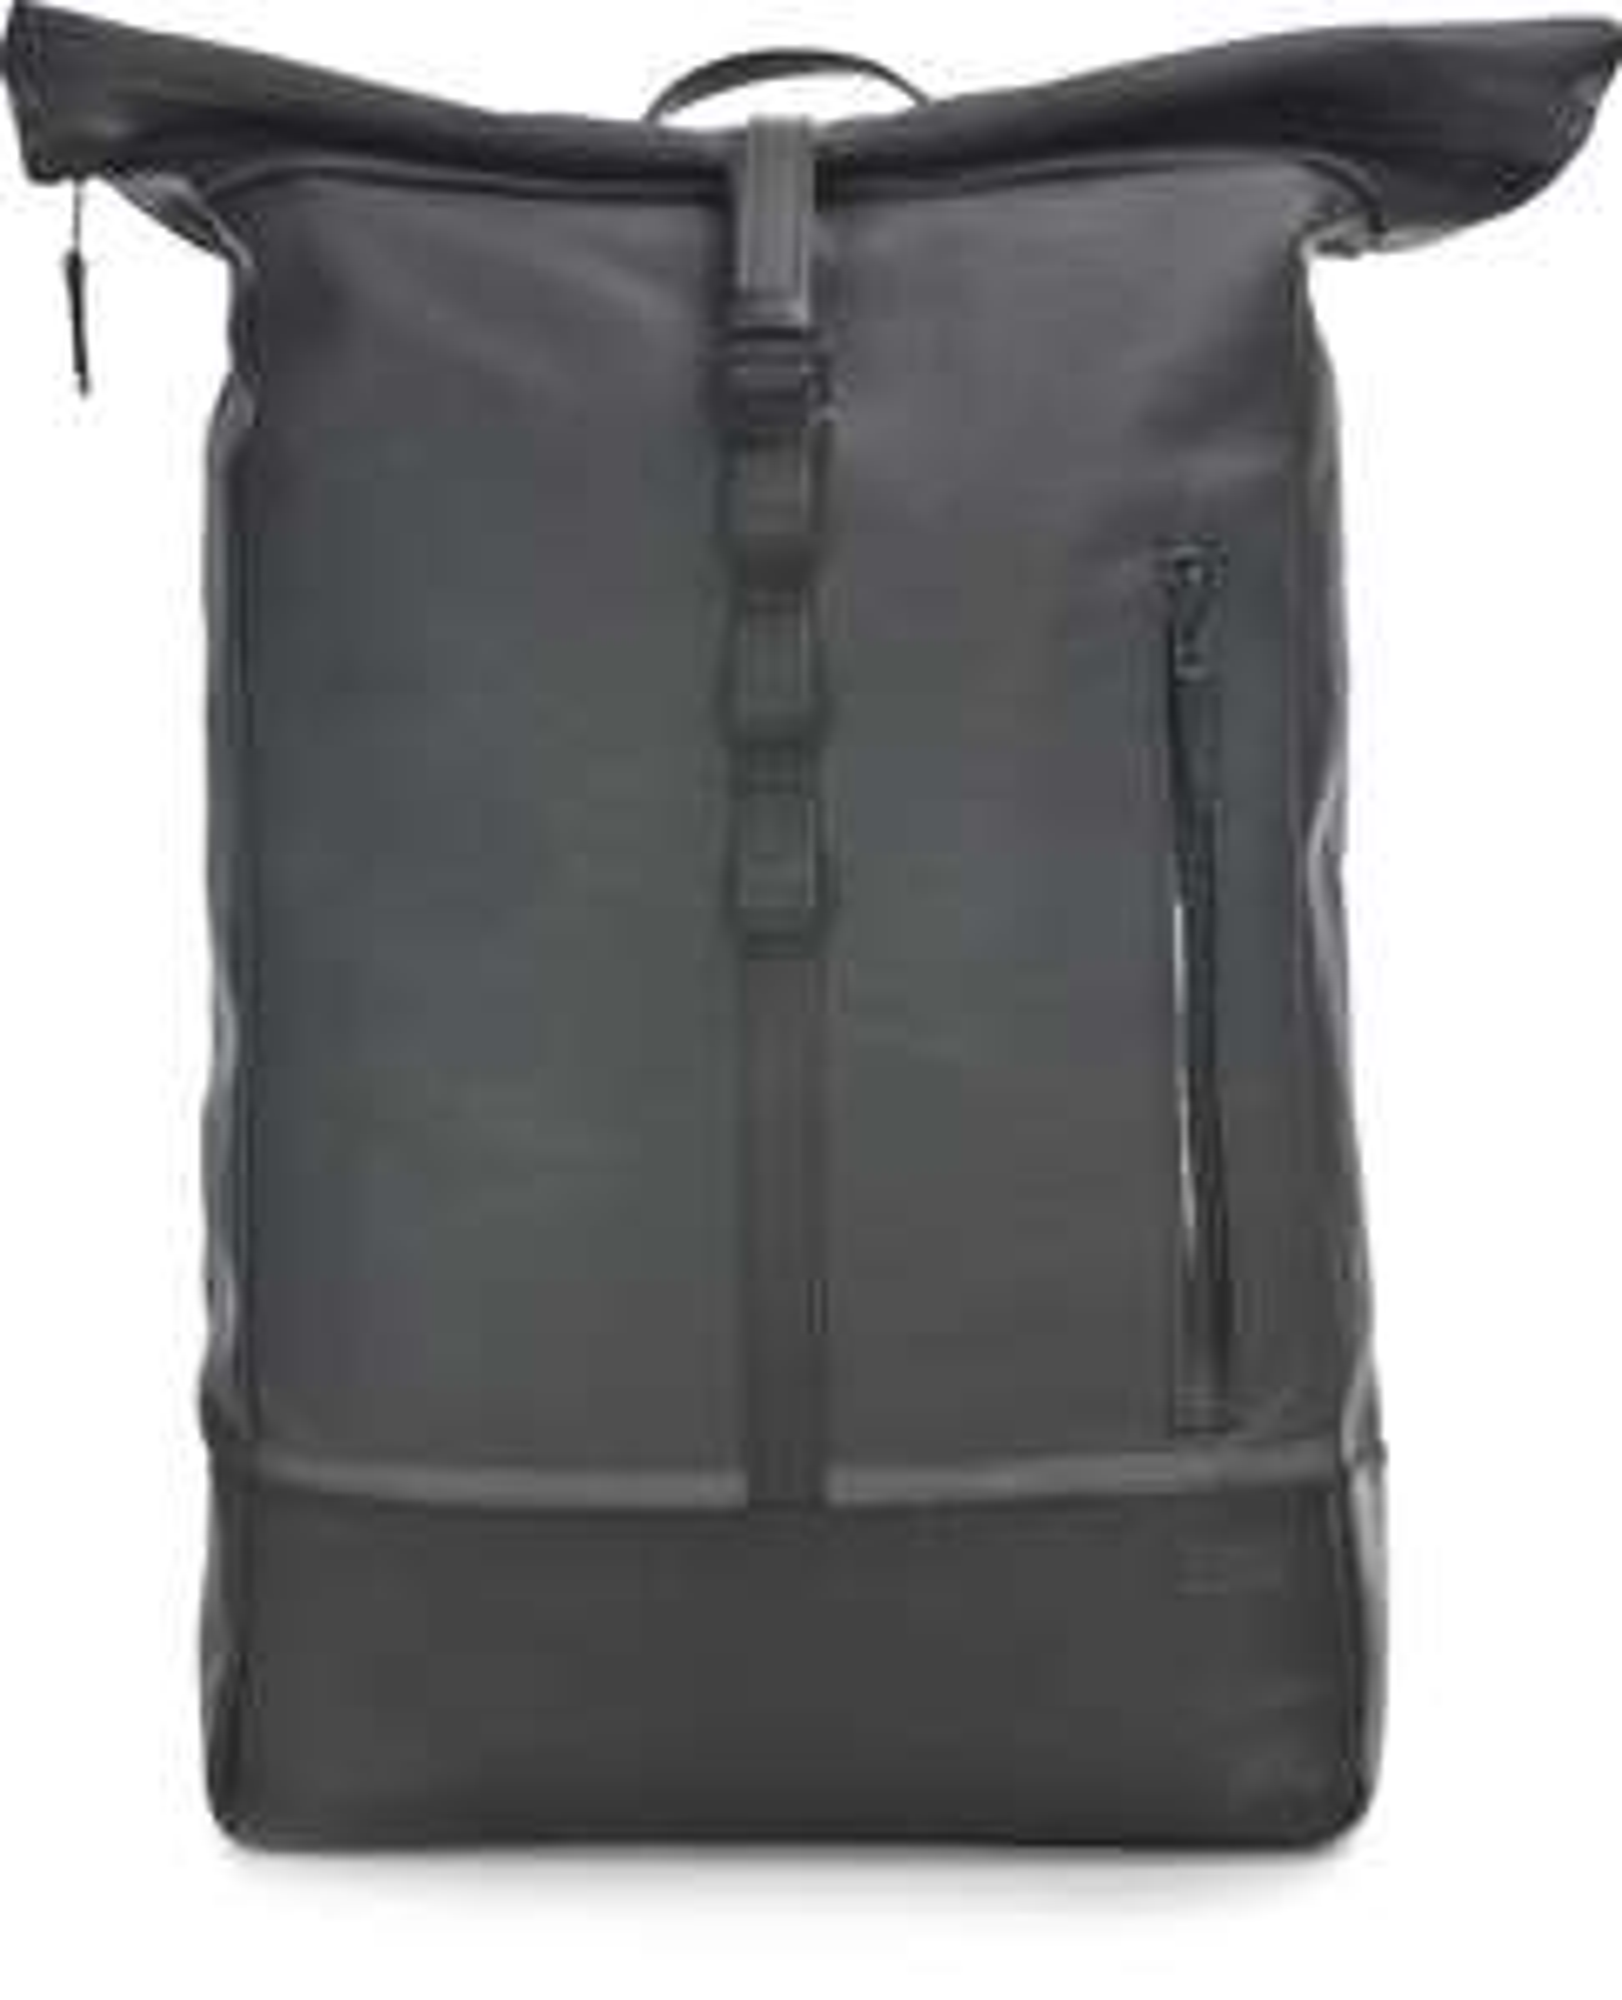 [BAGS & BRANDS] Taschen und Accessoires - 20% Rabatt auf Alles (inkl. Sale Artikel) z.b. JOST Billund für 207,92€ stat VGP: 259,90